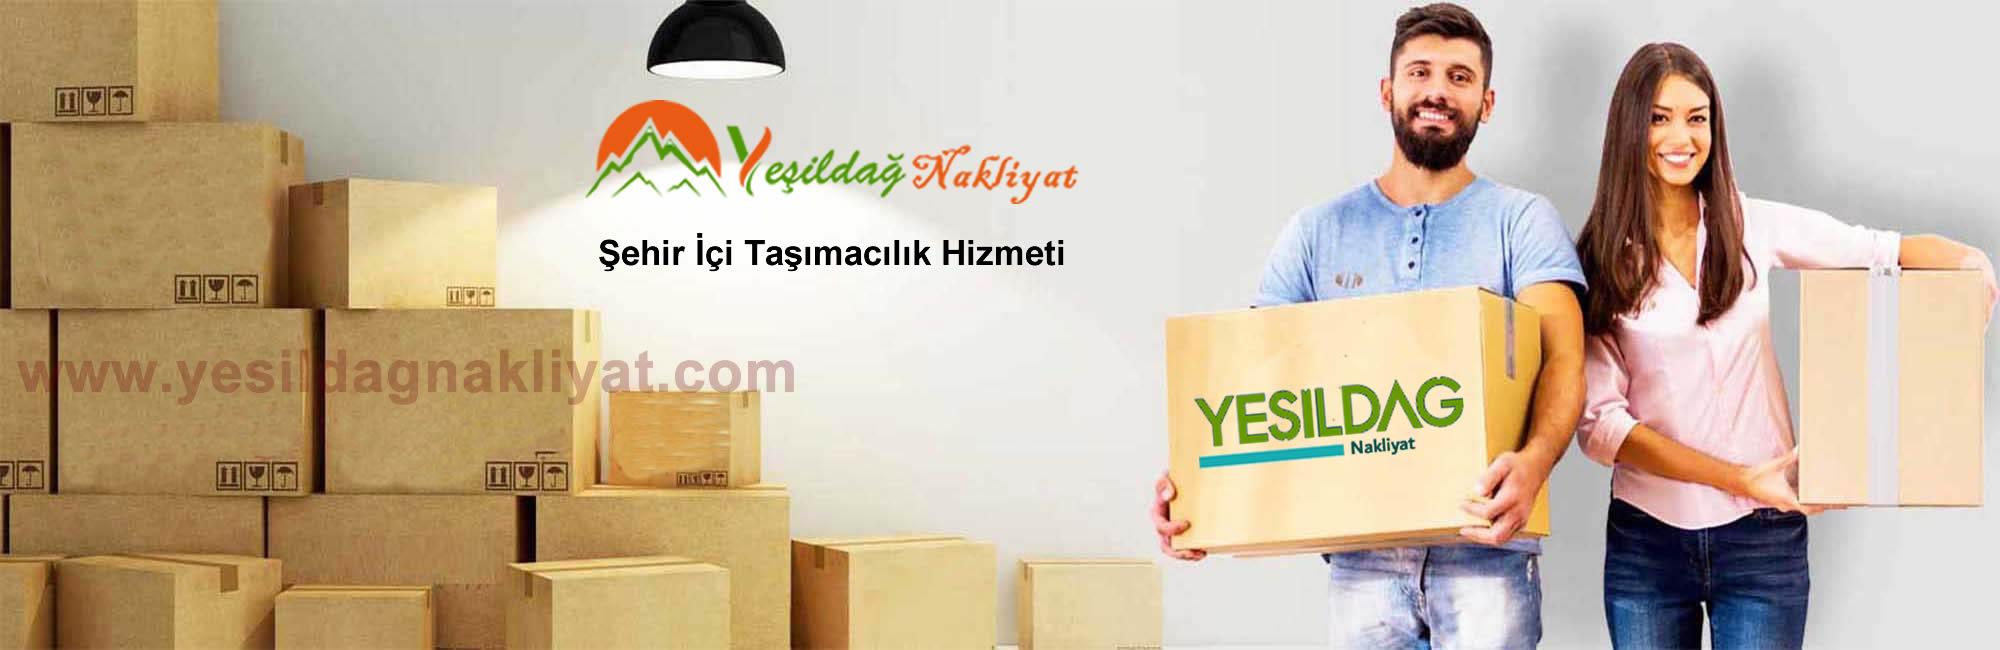 İstanbul Şehir İçi Taşımacılık, Şehir İçi Evden Eve Nakliyat